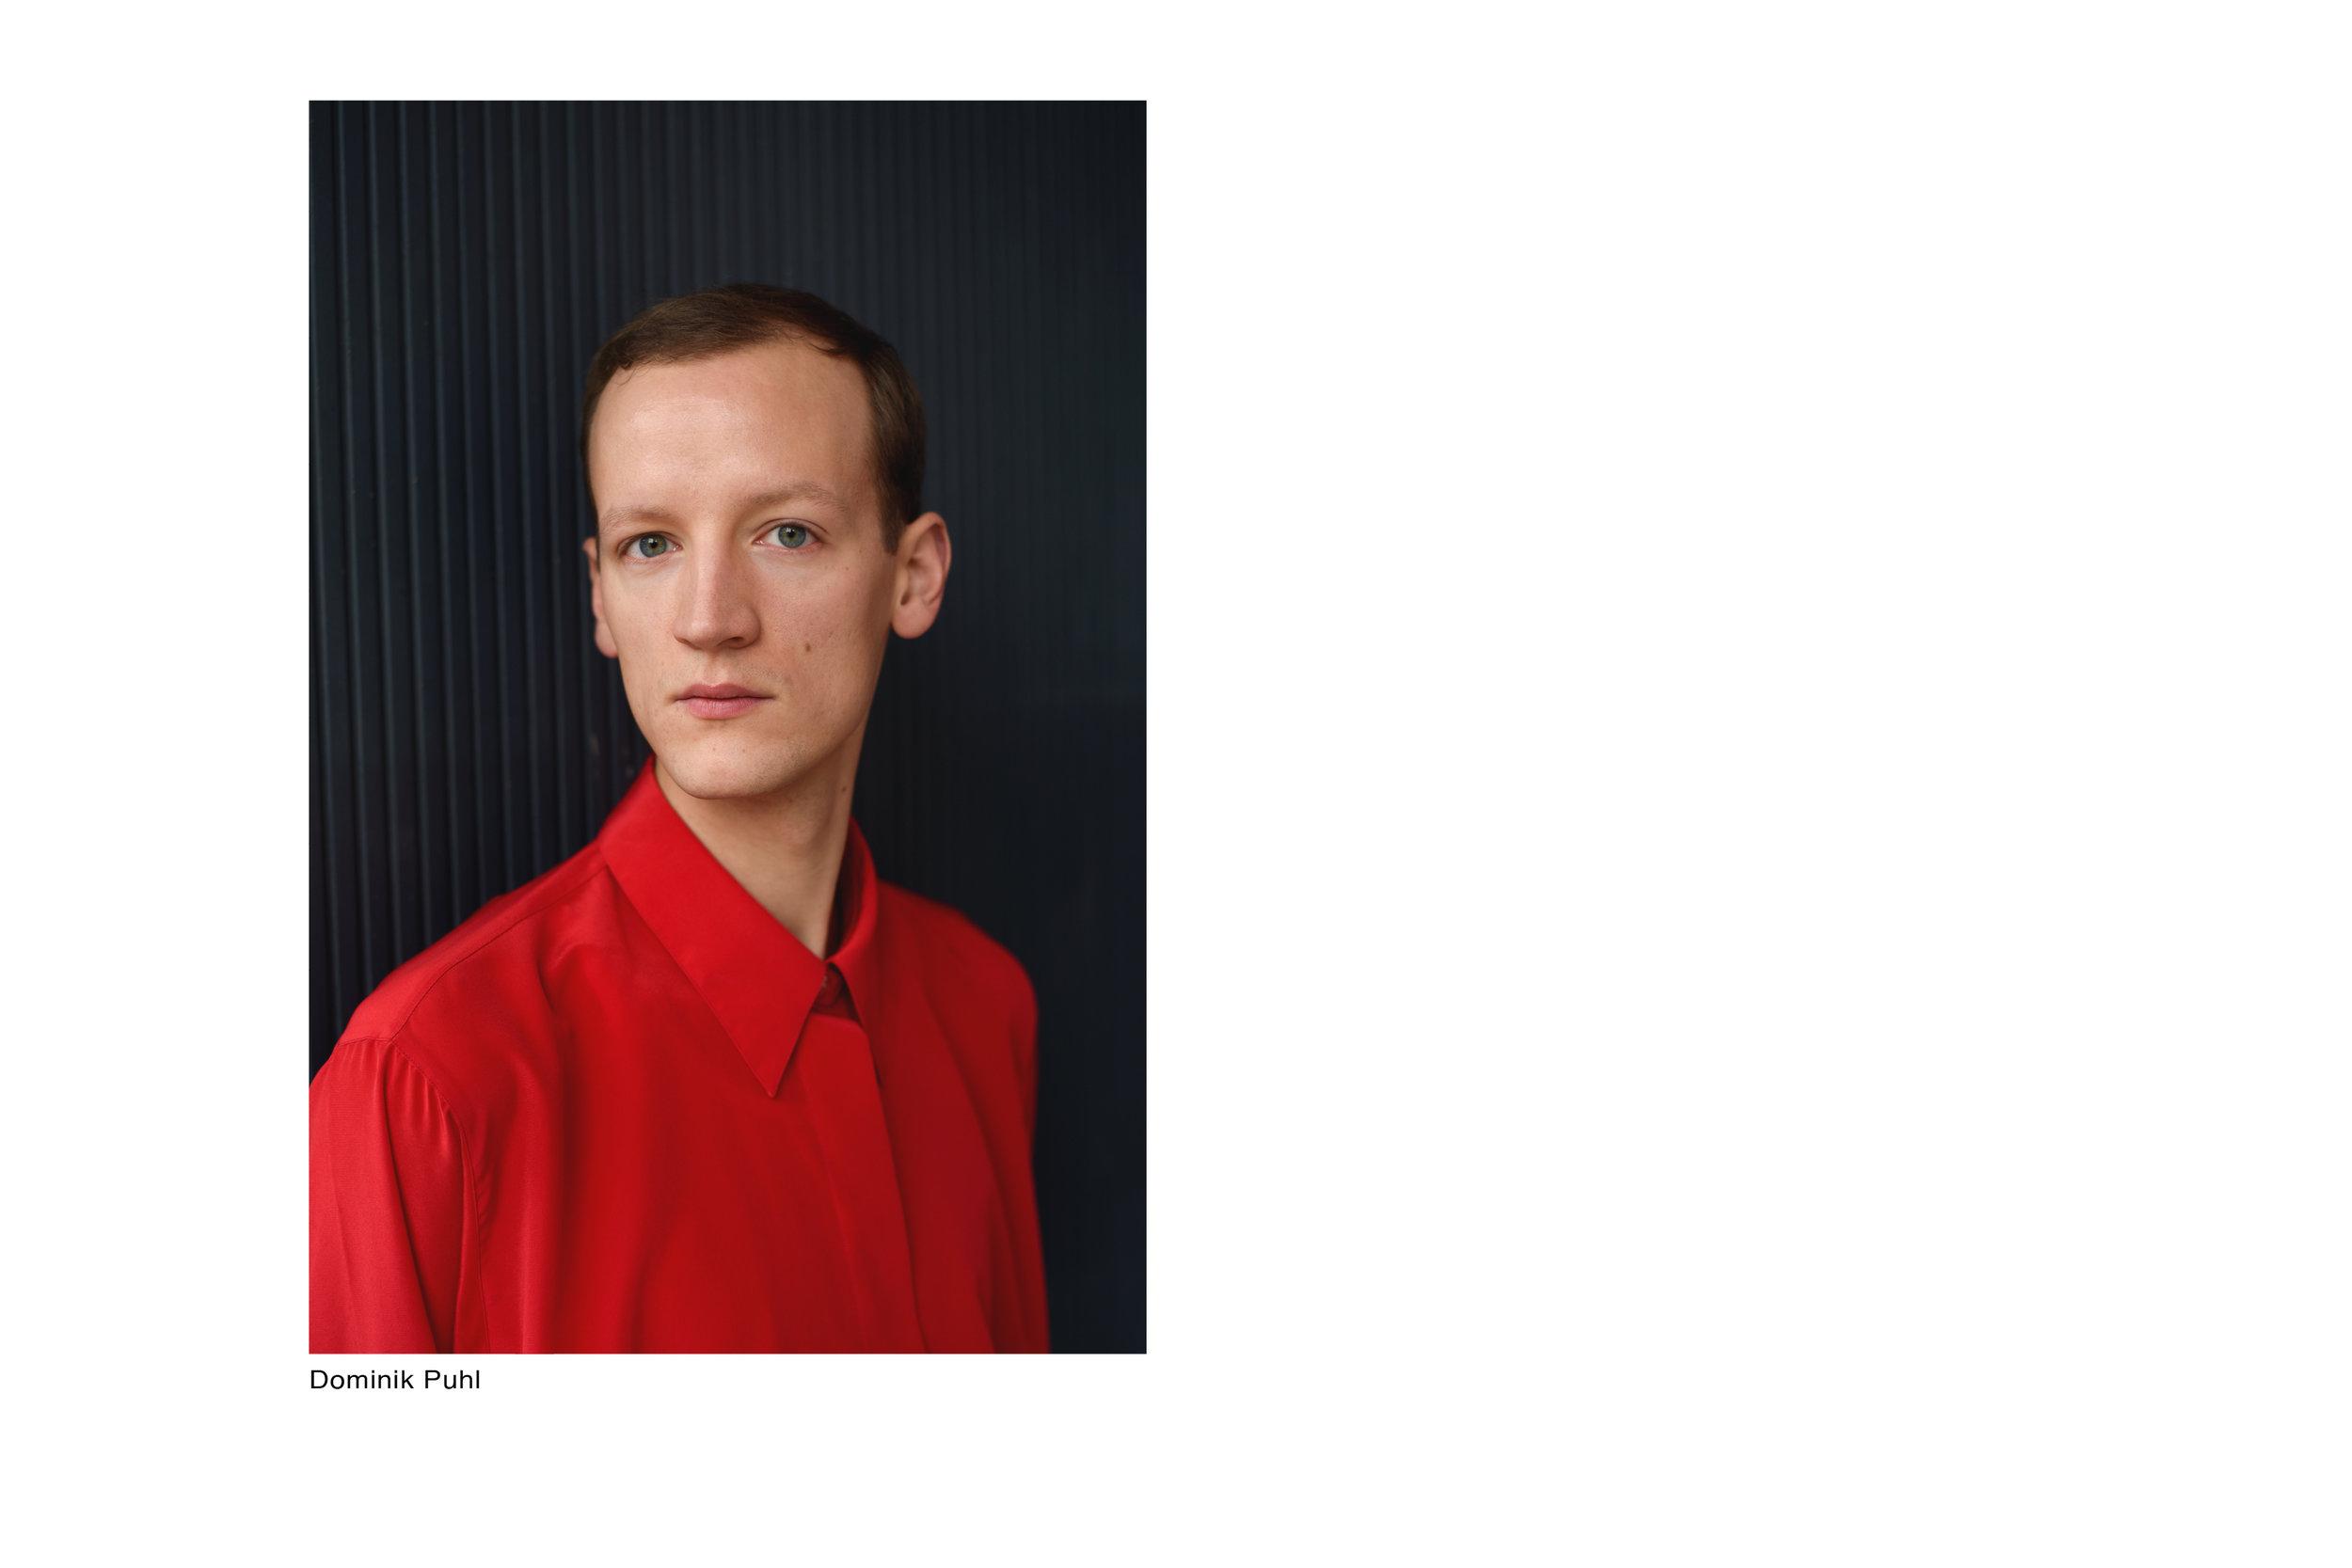 dominik.puhl_niklas.vogt_01.jpg